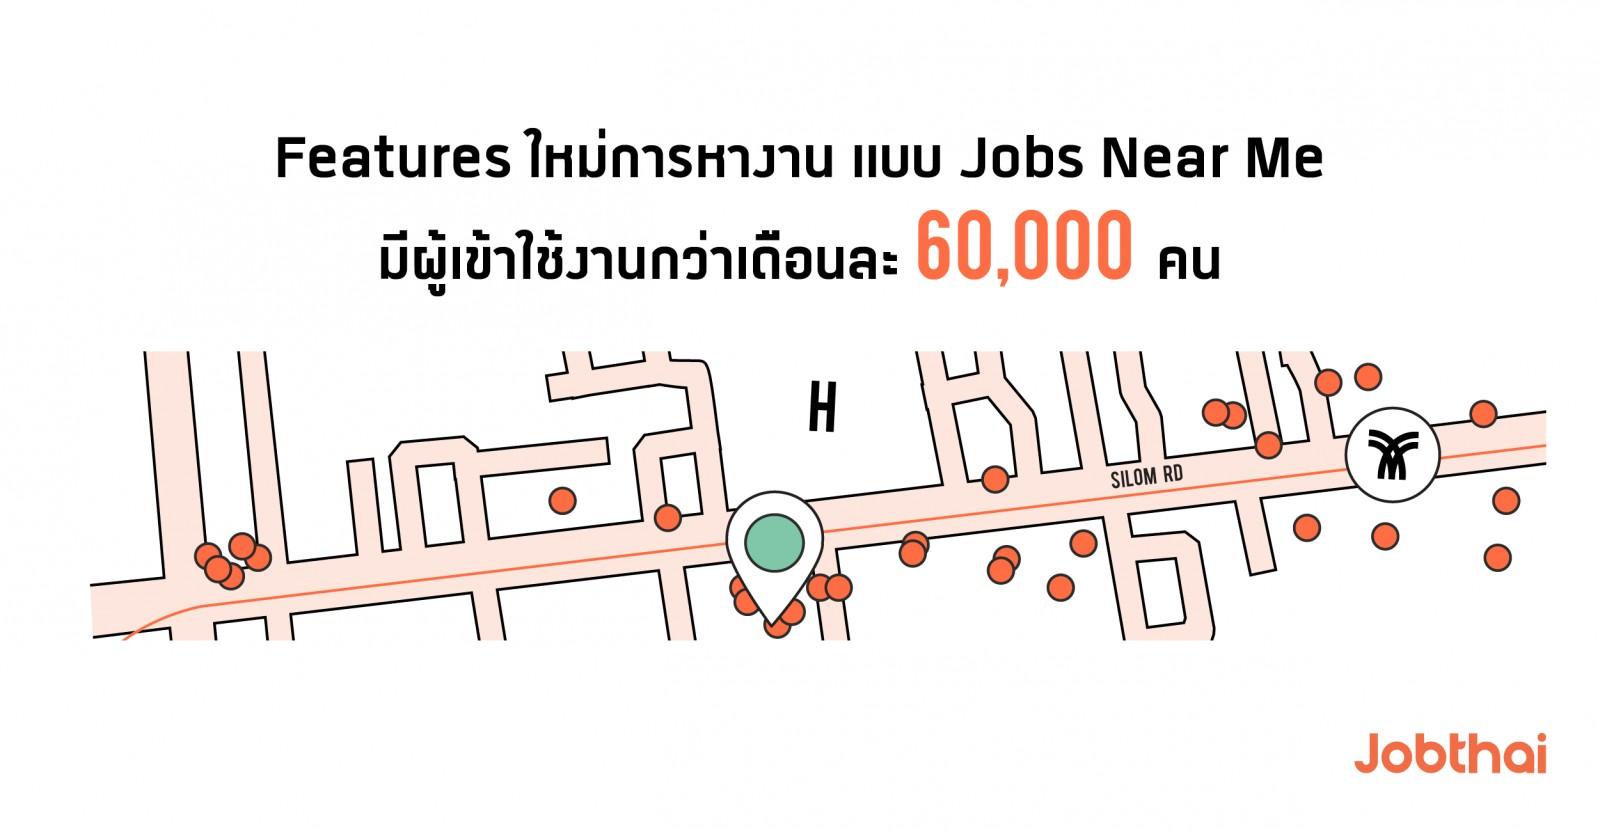 เจาะลึกพฤติกรรมการใช้งาน JobThai Mobile Application ช่วง 6 เดือนแรกของปี 2562  หางาน สมัครงาน Jobs Near Me